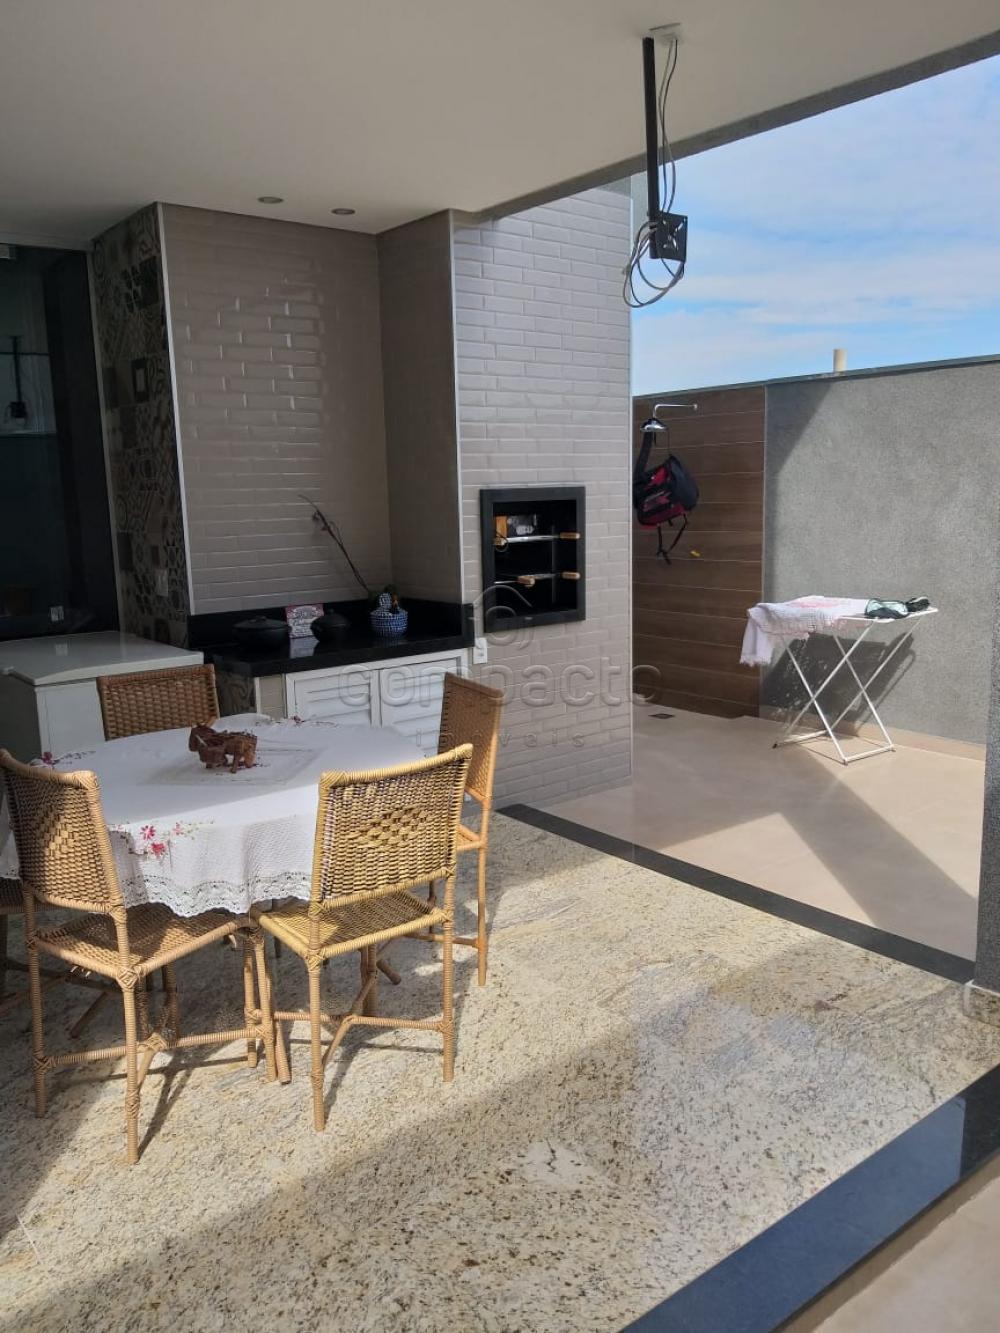 Comprar Casa / Condomínio em São José do Rio Preto apenas R$ 720.000,00 - Foto 34